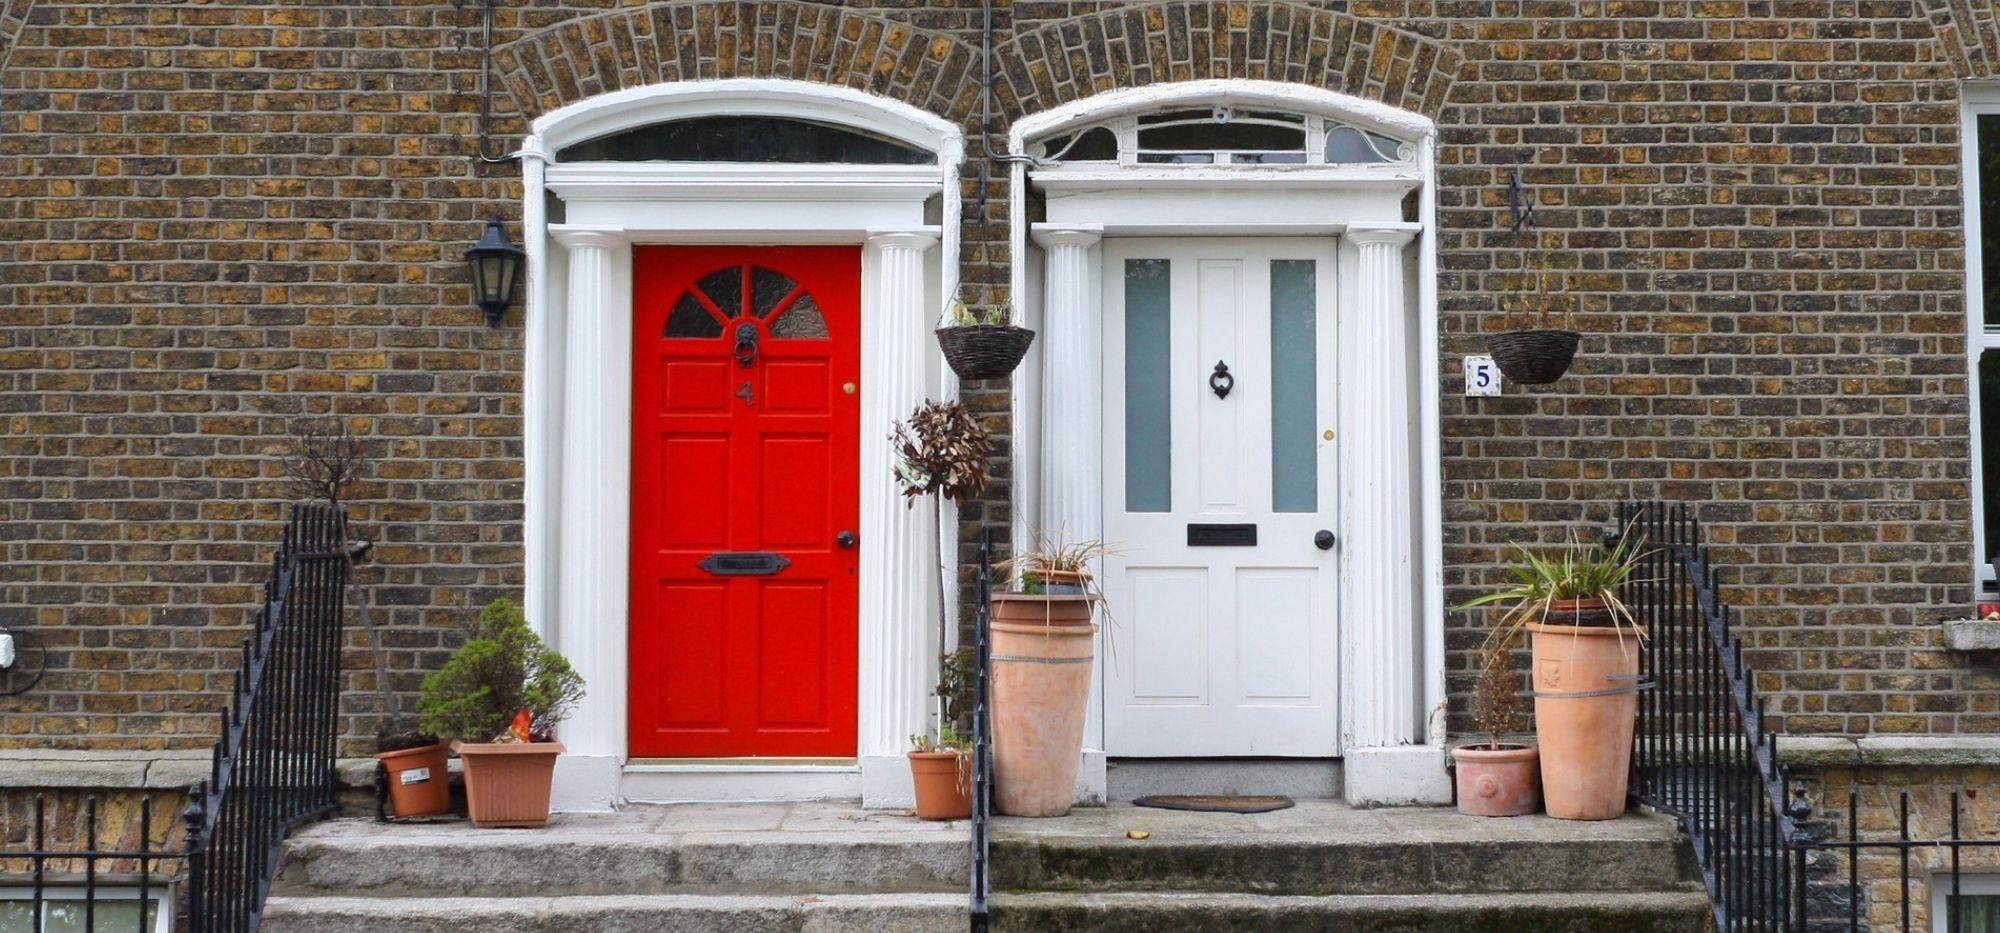 Dublin. Kolorowe drzwi irlandzkiej stolicy